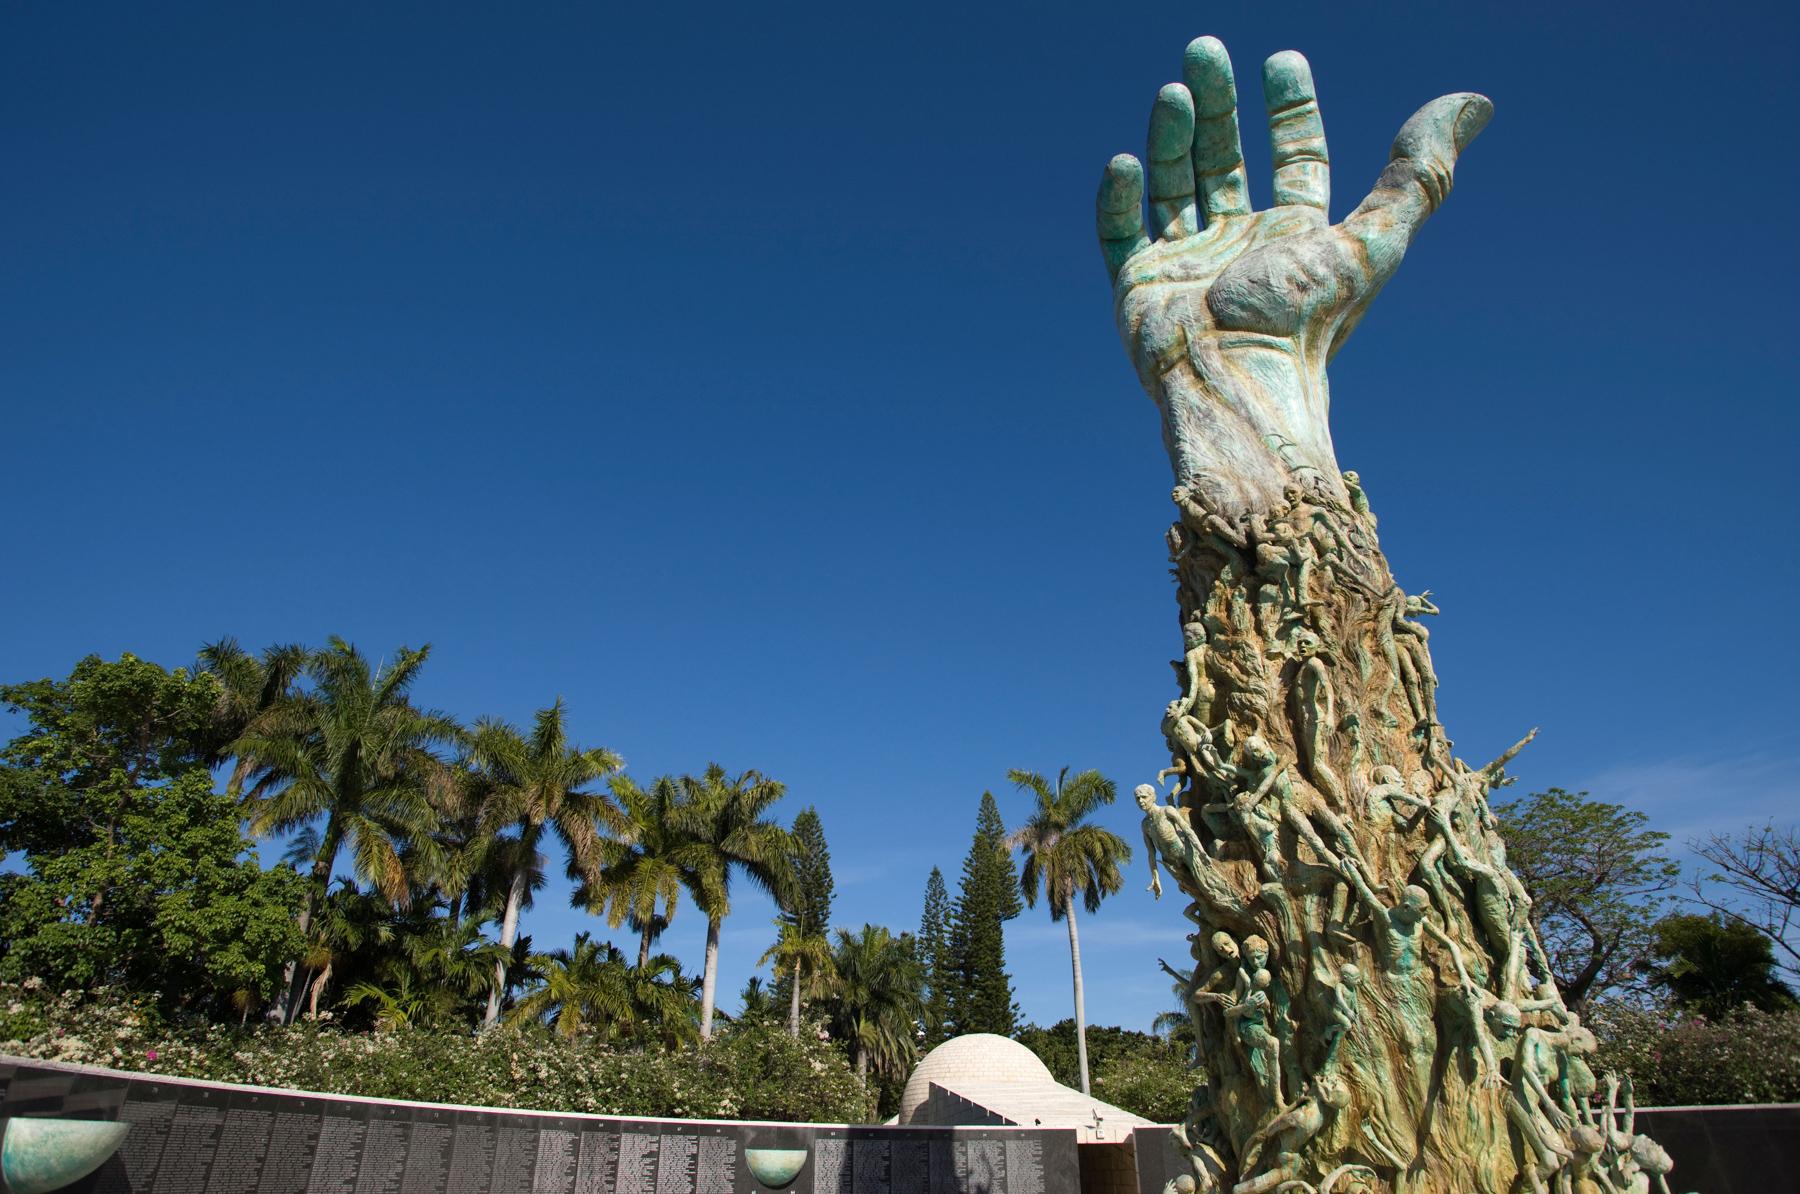 Sculpture d'un bras de géant tendu vers le ciel avec des centaines de personnes qui y sont accrochées (Alamy)